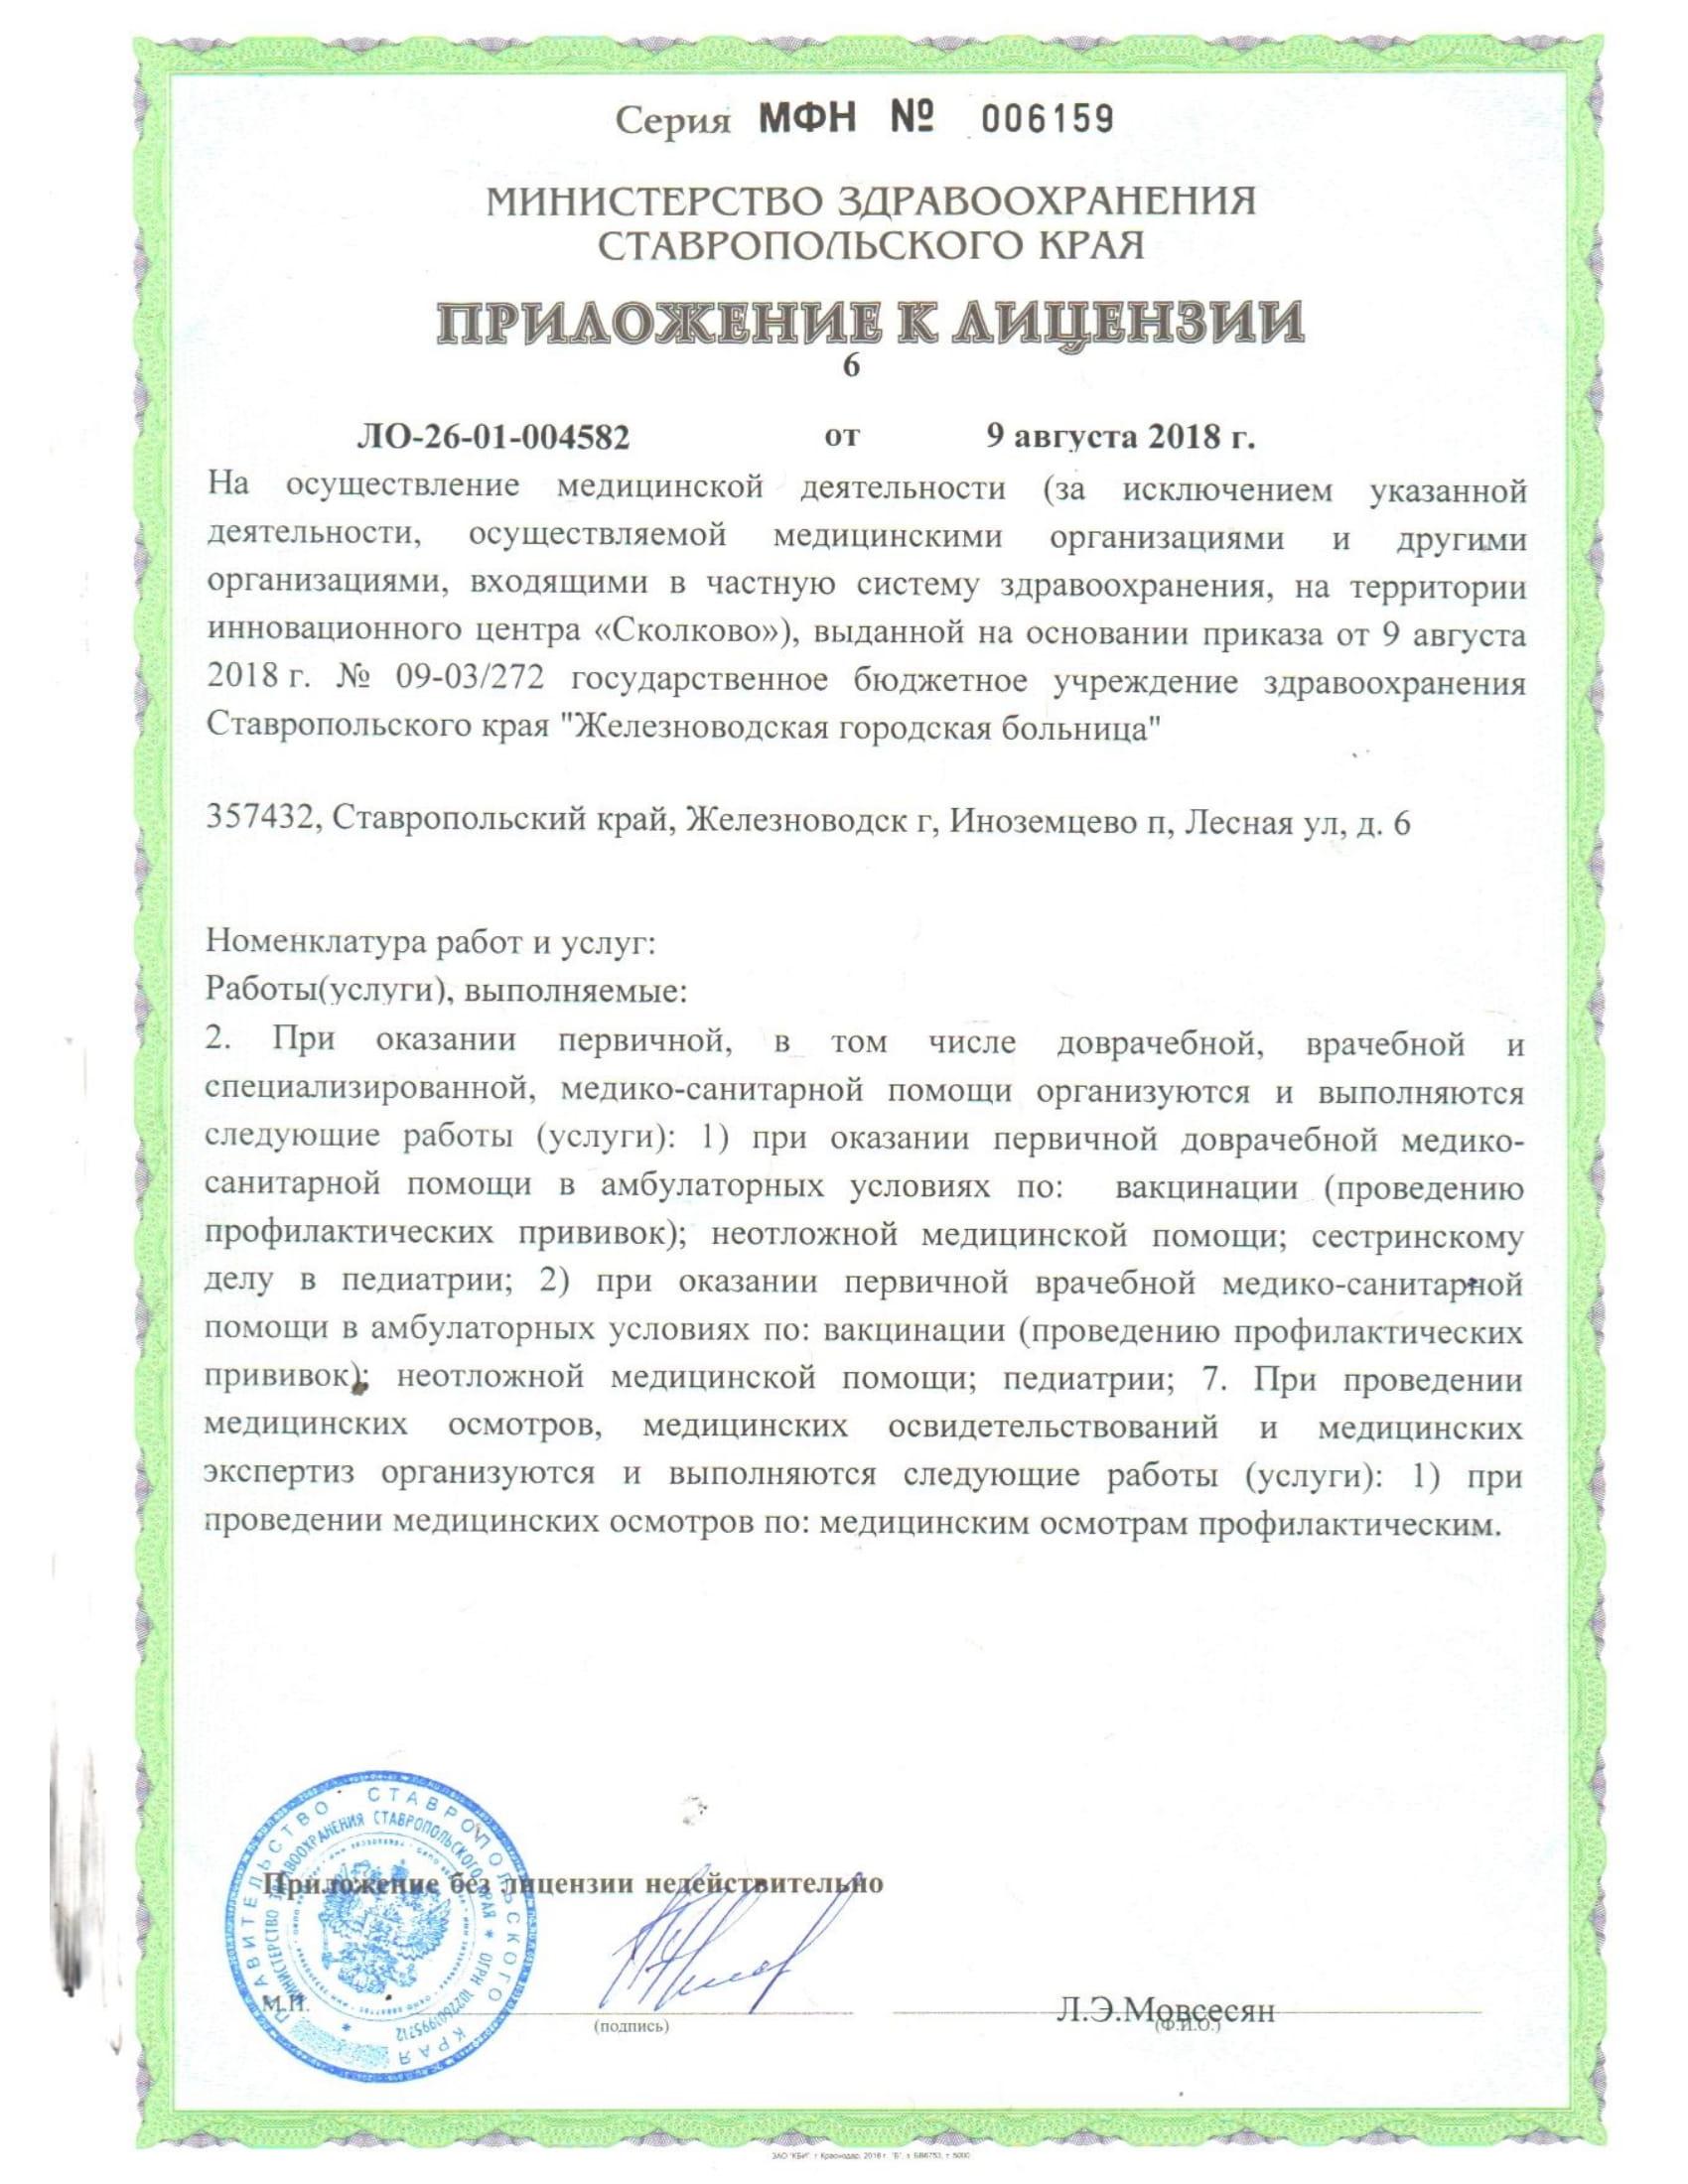 лицензия 2018 от 09.08.2018-09